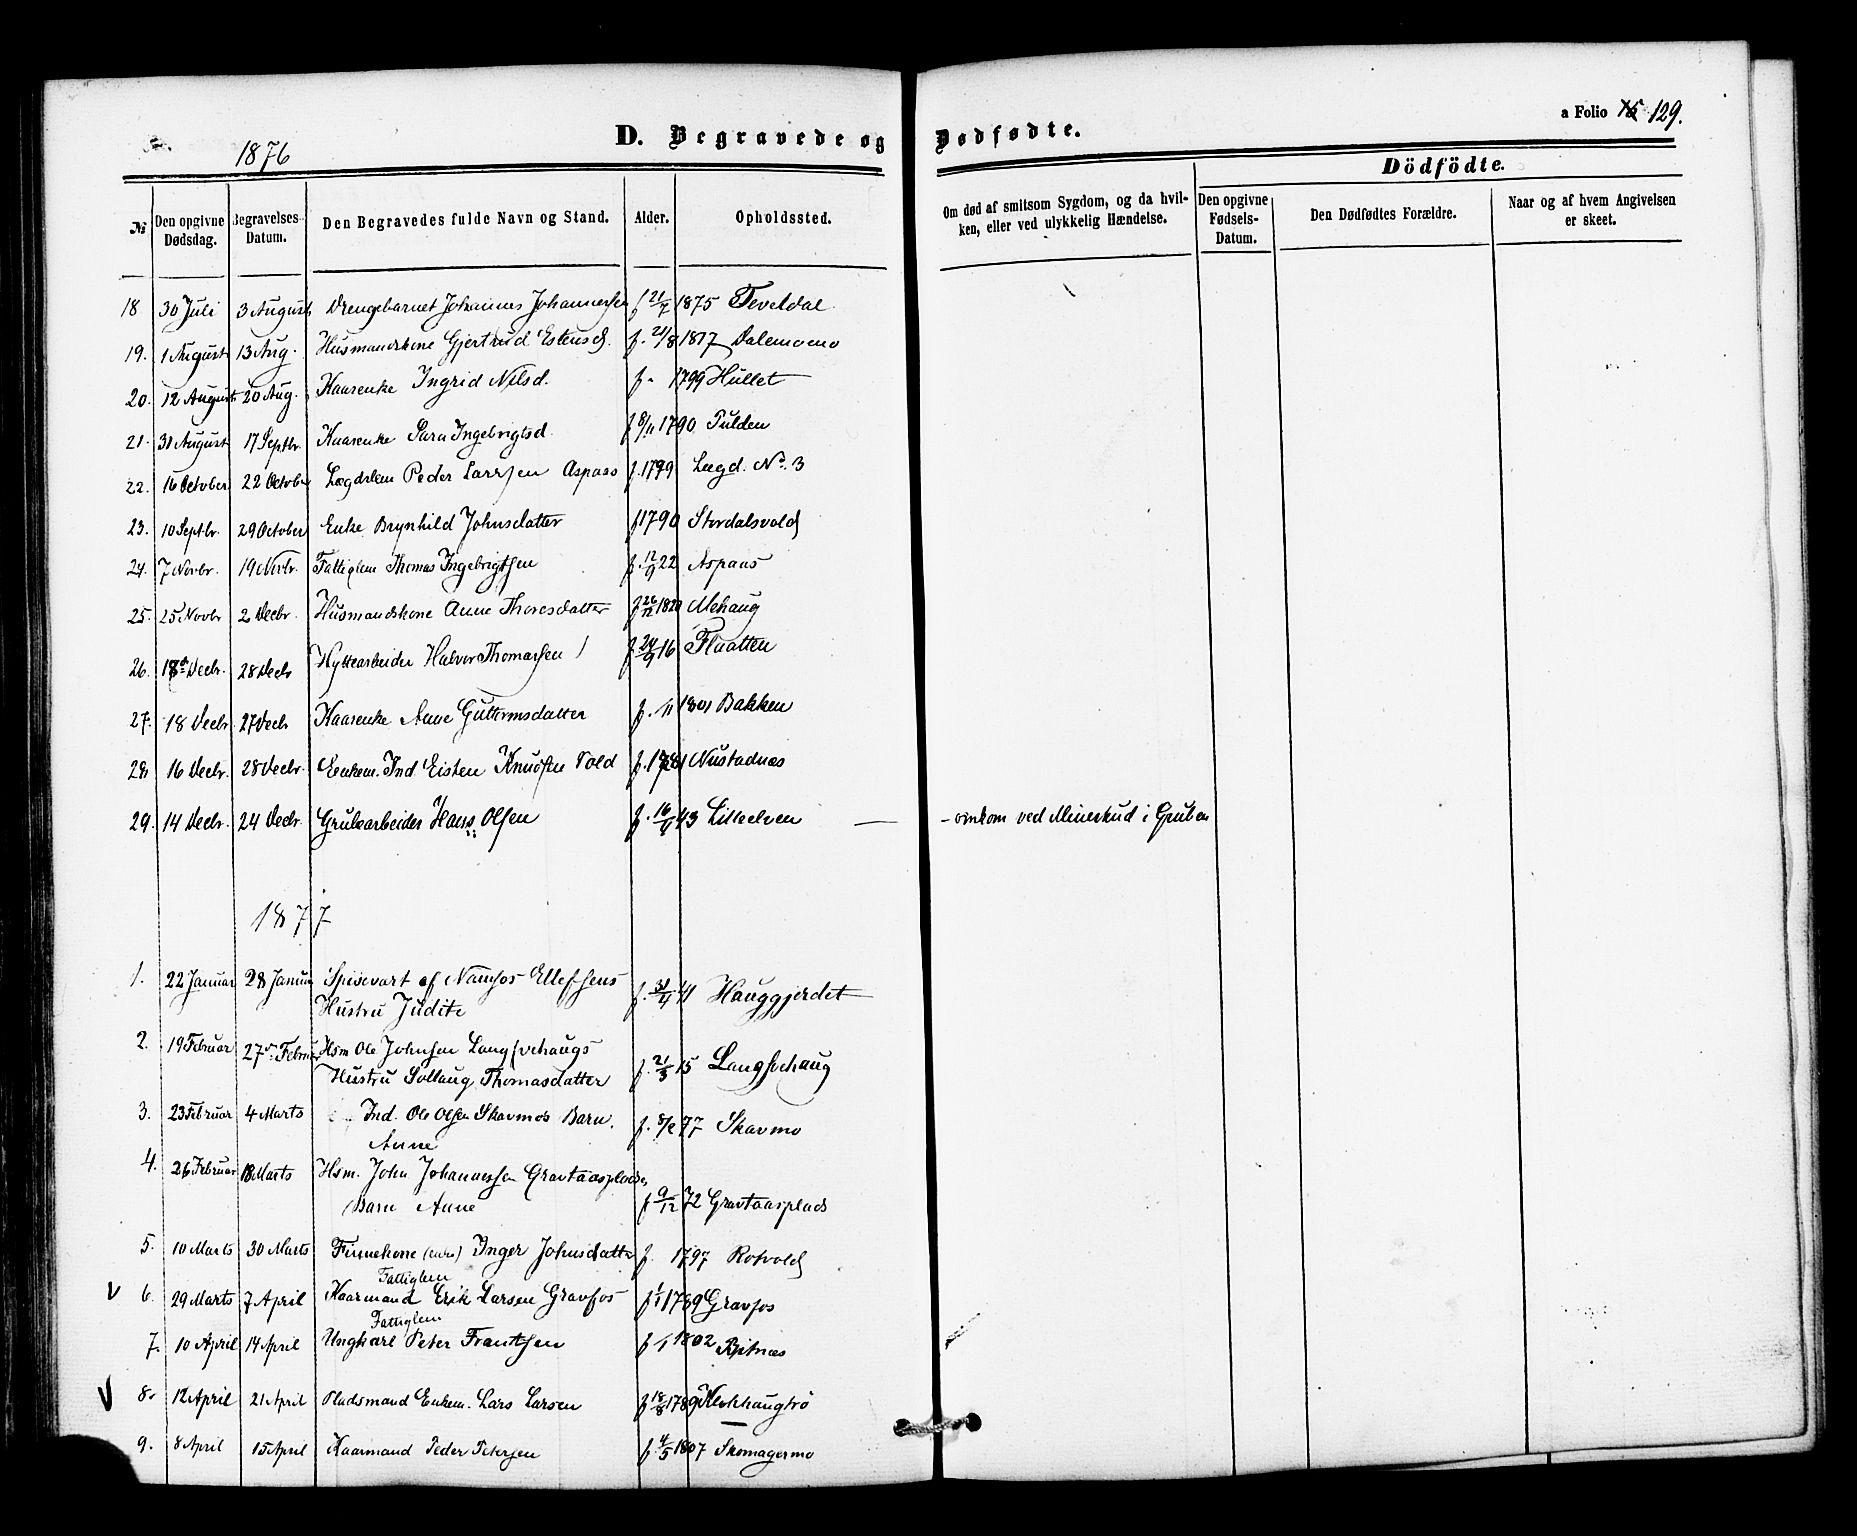 SAT, Ministerialprotokoller, klokkerbøker og fødselsregistre - Nord-Trøndelag, 706/L0041: Ministerialbok nr. 706A02, 1862-1877, s. 129